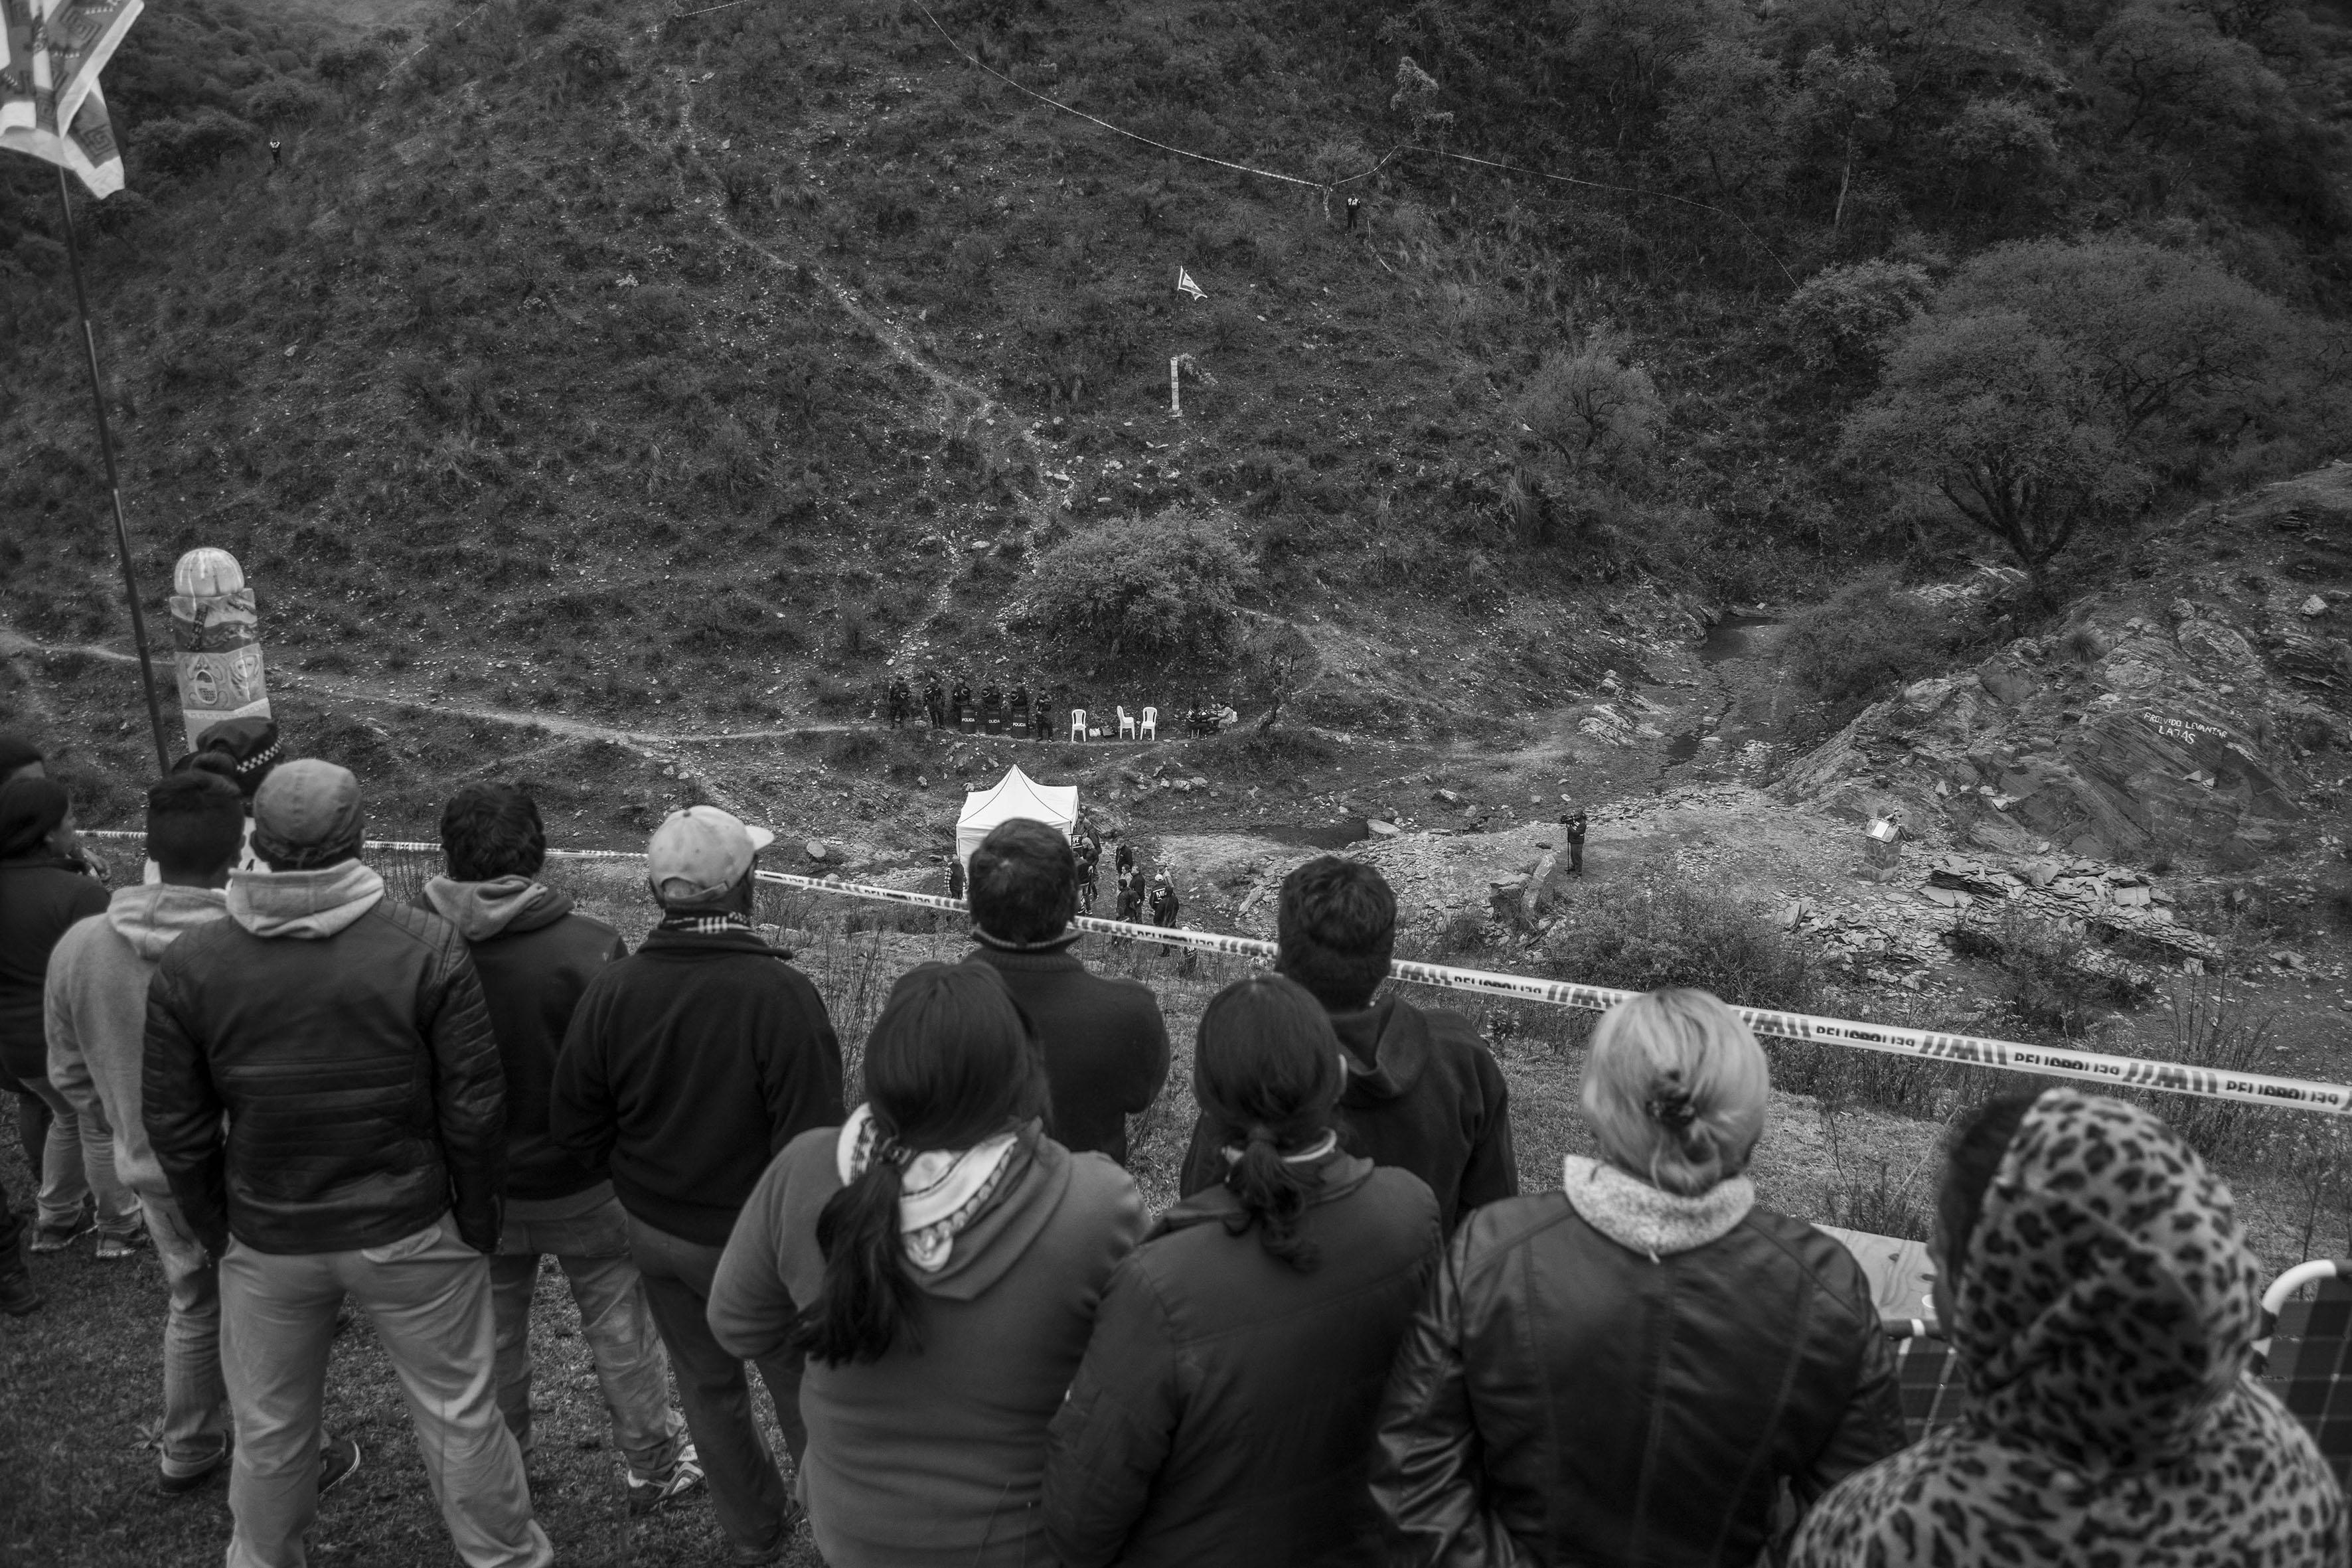 El Chorro, Tucumán, Argentina. Octubre 02/2018. Reconstrucción del asesinato a Javier Chocobar. Integrantes de la Comunidad Indígena Los Chuschagasta observan el lugar donde se realiza la reconstrucción.